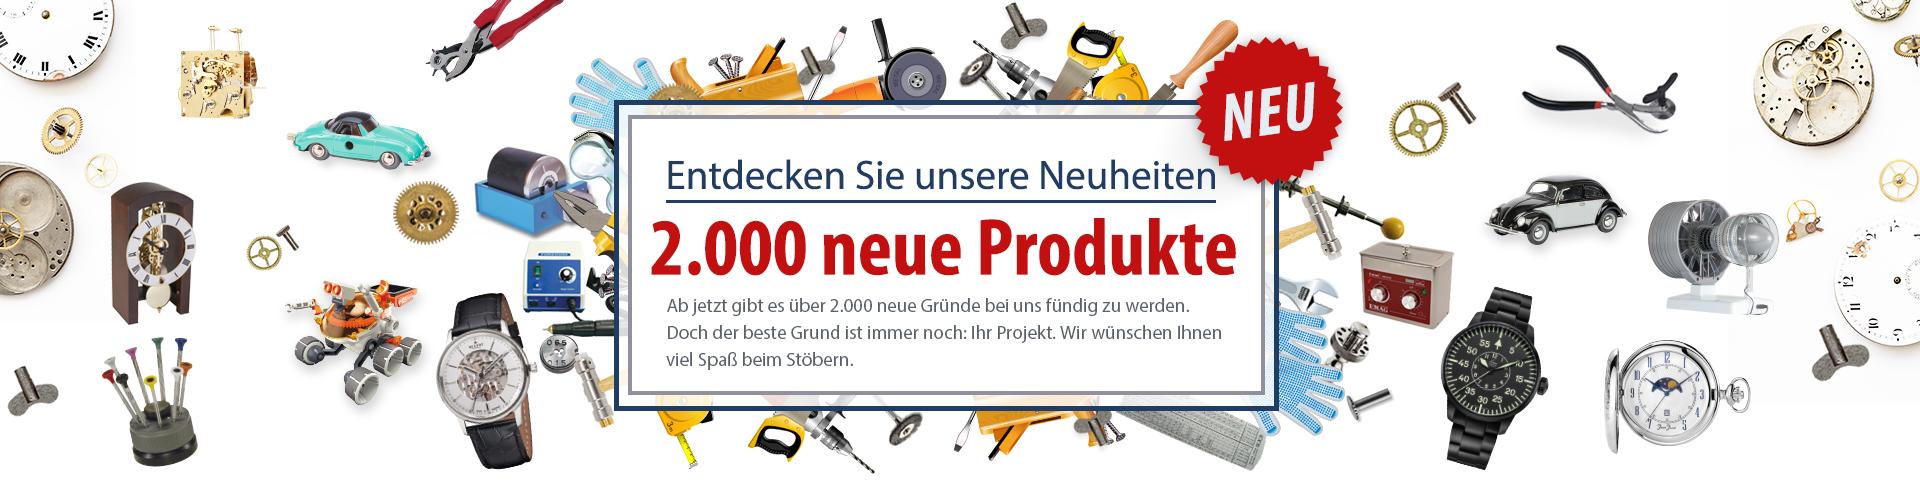 DE 300 Artikel neu